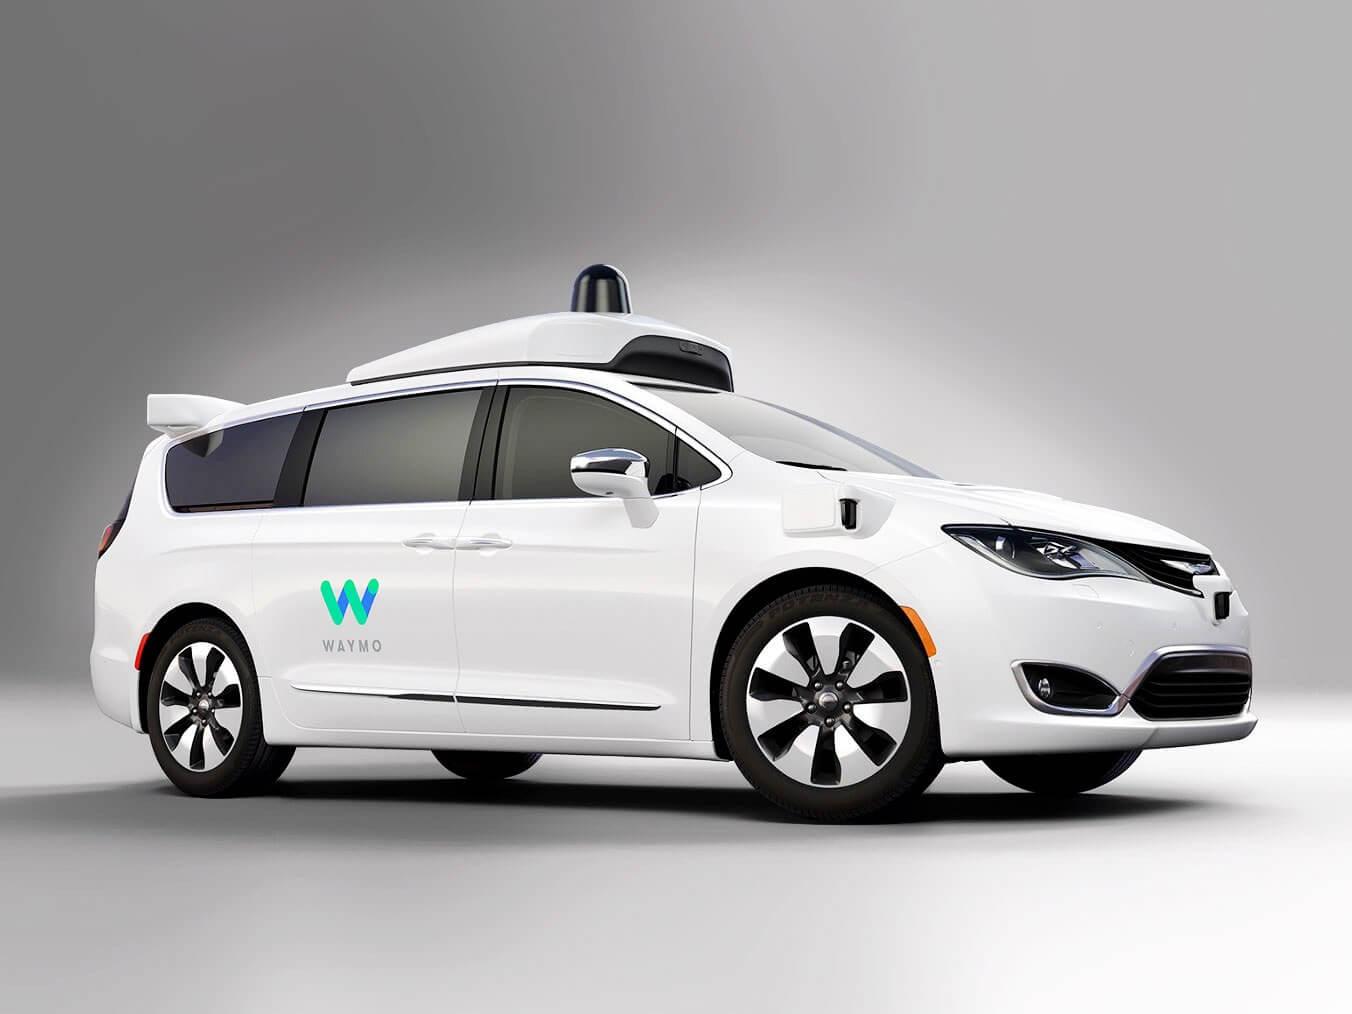 Автономные автомобили прокатят первых пассажиров в Калифорнии